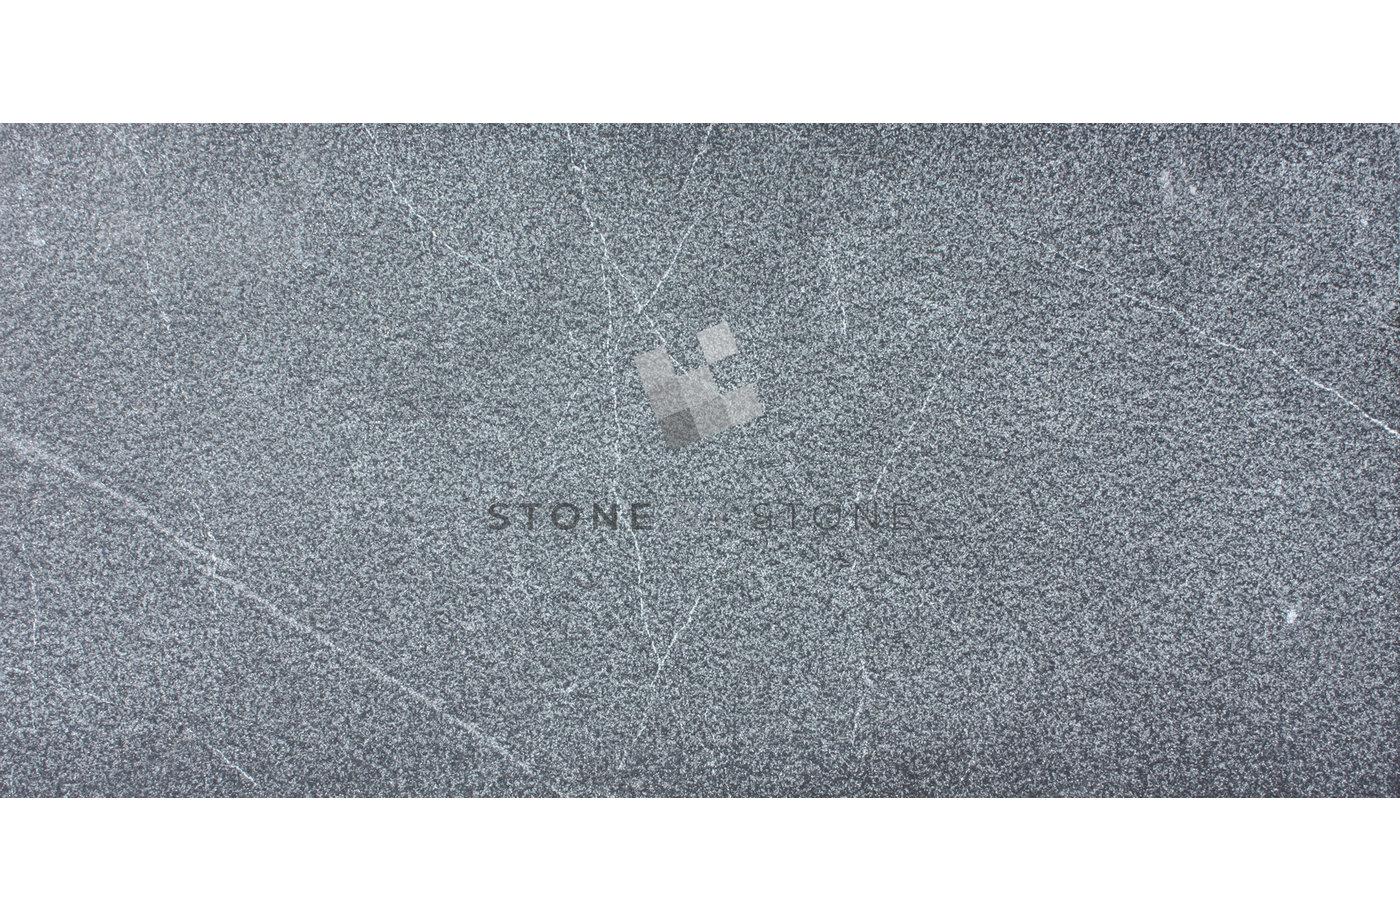 30x60/1,2cm - Pierre Marbrière - Sablé brossé - Anthracite